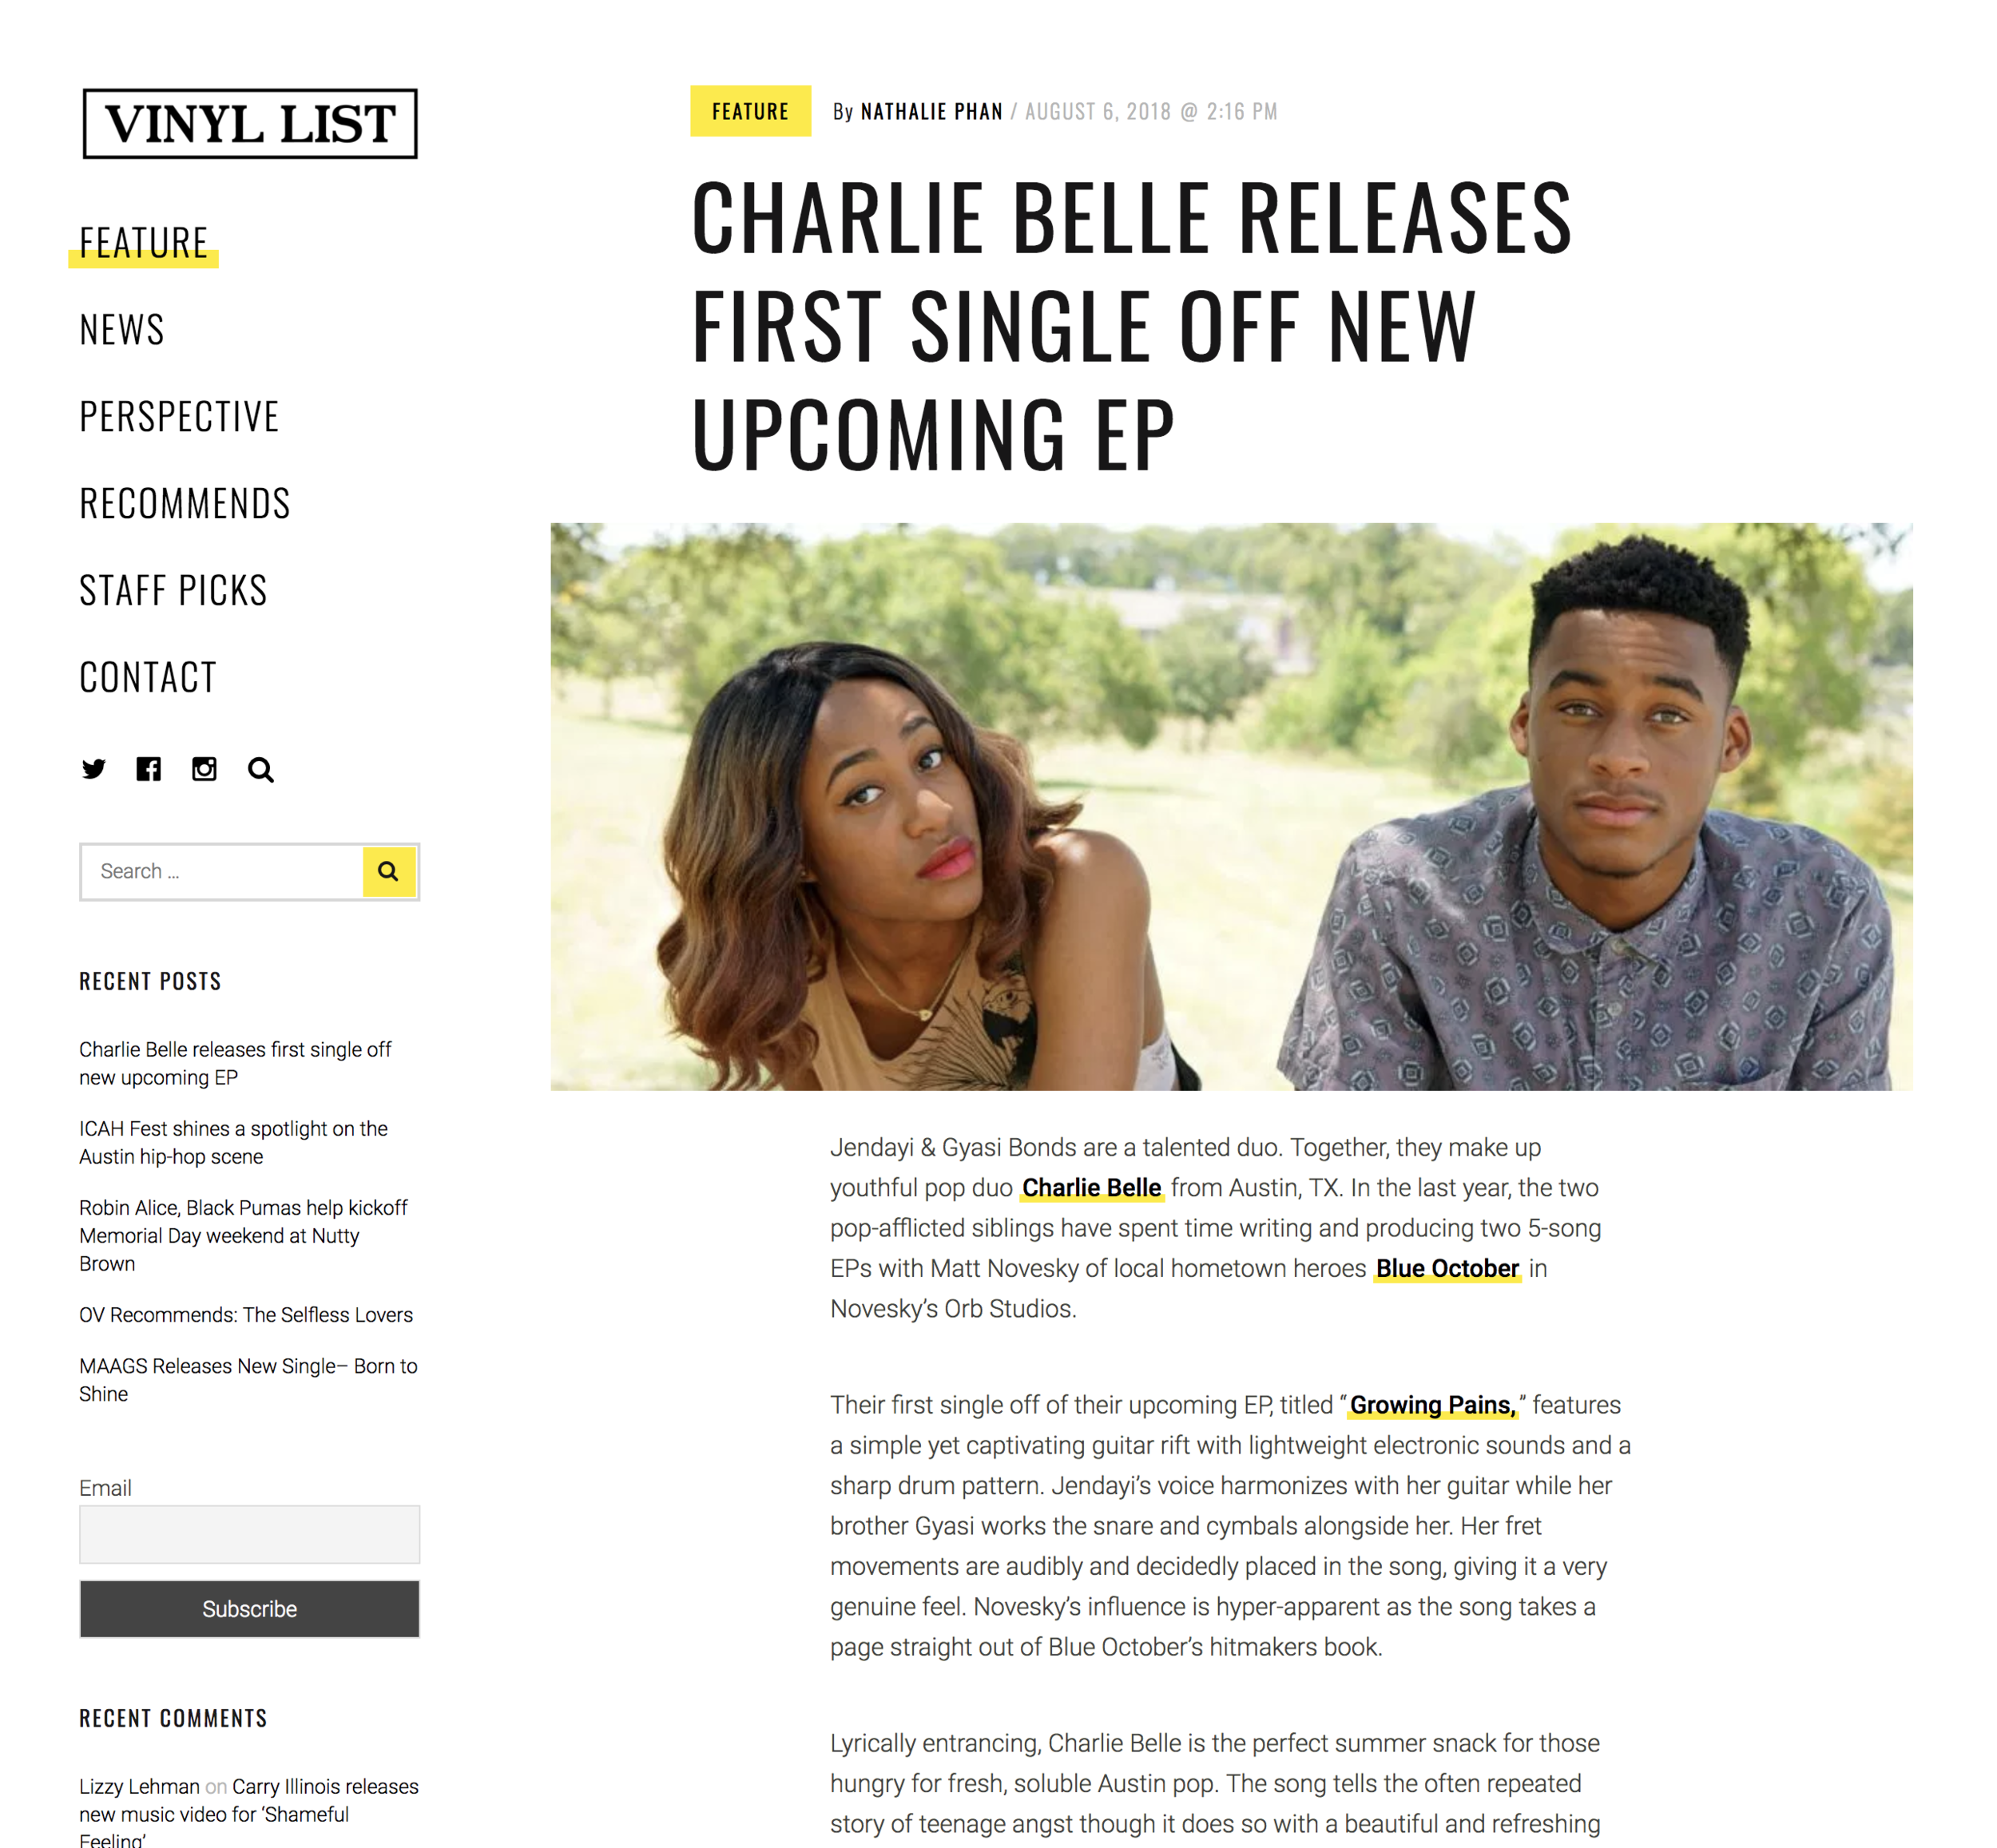 More Press — Charlie Belle